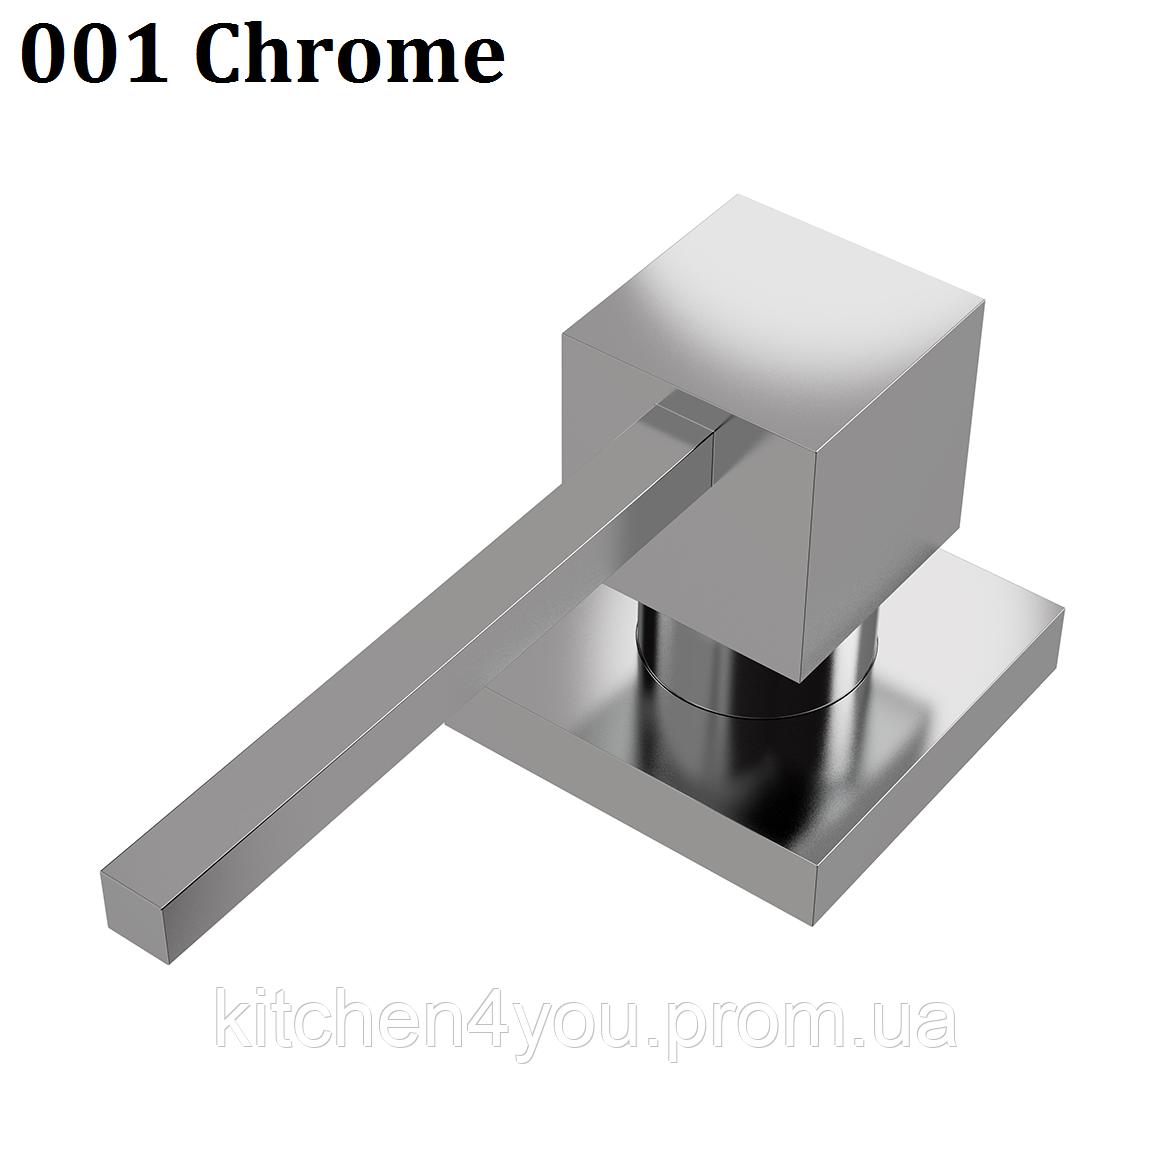 Дозатор для рідкого мила 500 ml. AquaSanita DQ-001 хром